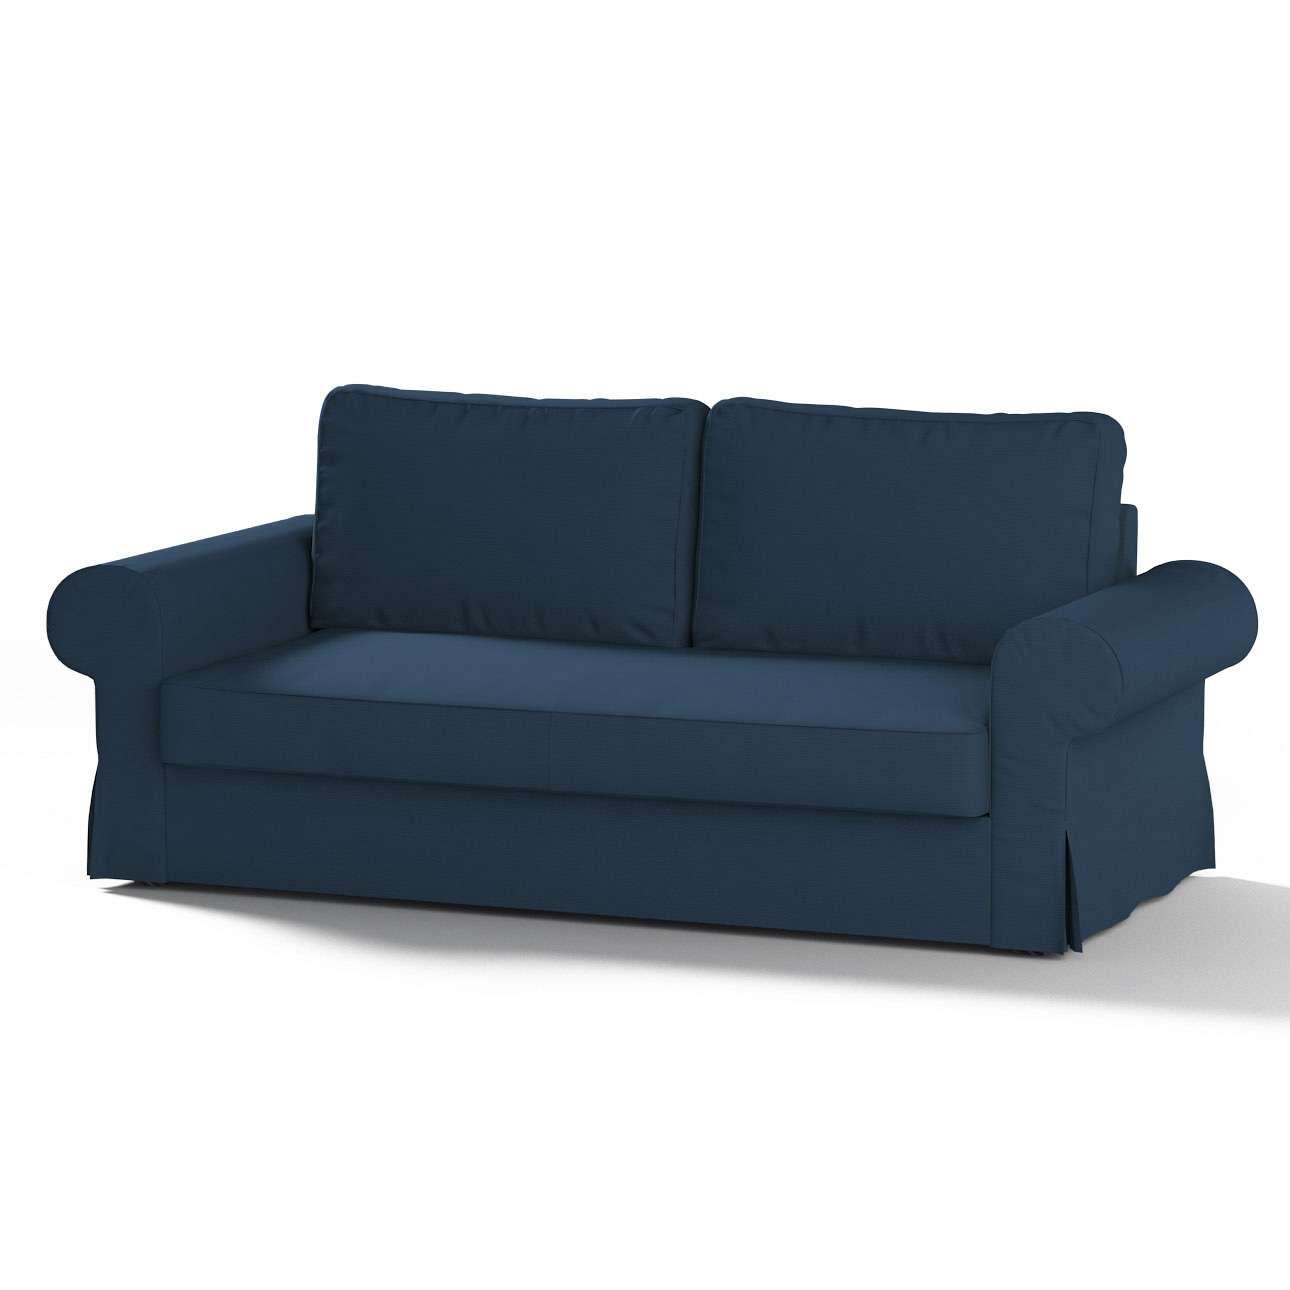 Bezug für Backabro 3-Sitzer Sofa ausklappbar von der Kollektion Cotton Panama, Stoff: 702-30